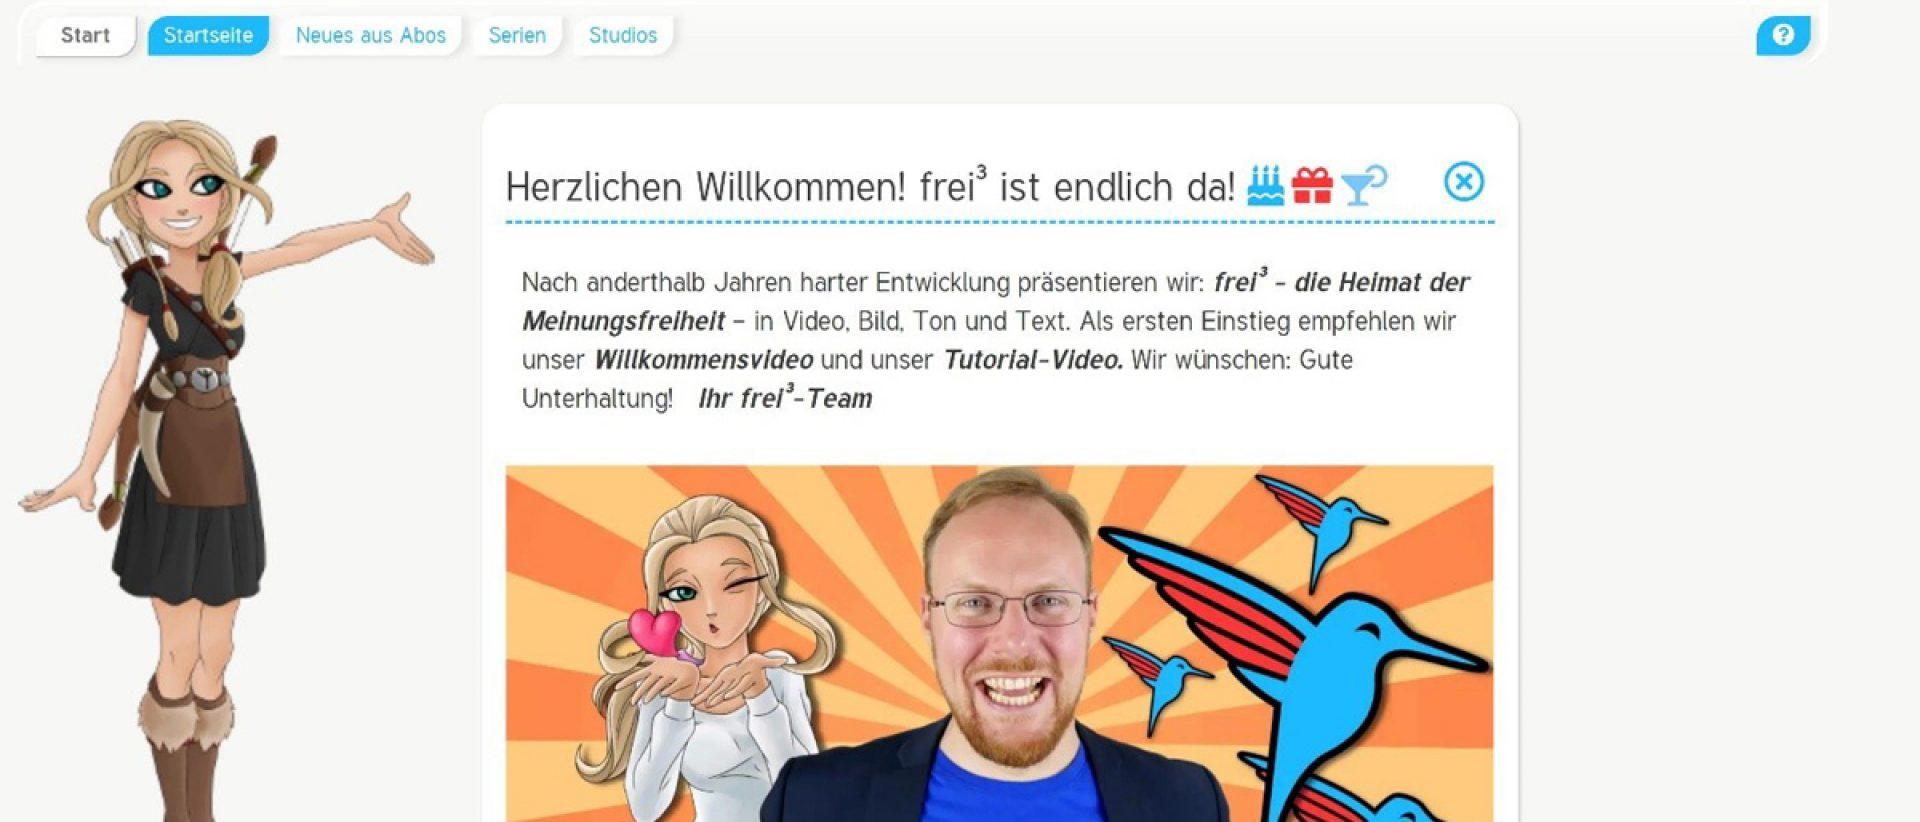 Neue Rechts Alternative Plattformen Rechtsaussen Medienmacher Suchen Eine Neue Video Heimat Belltower News